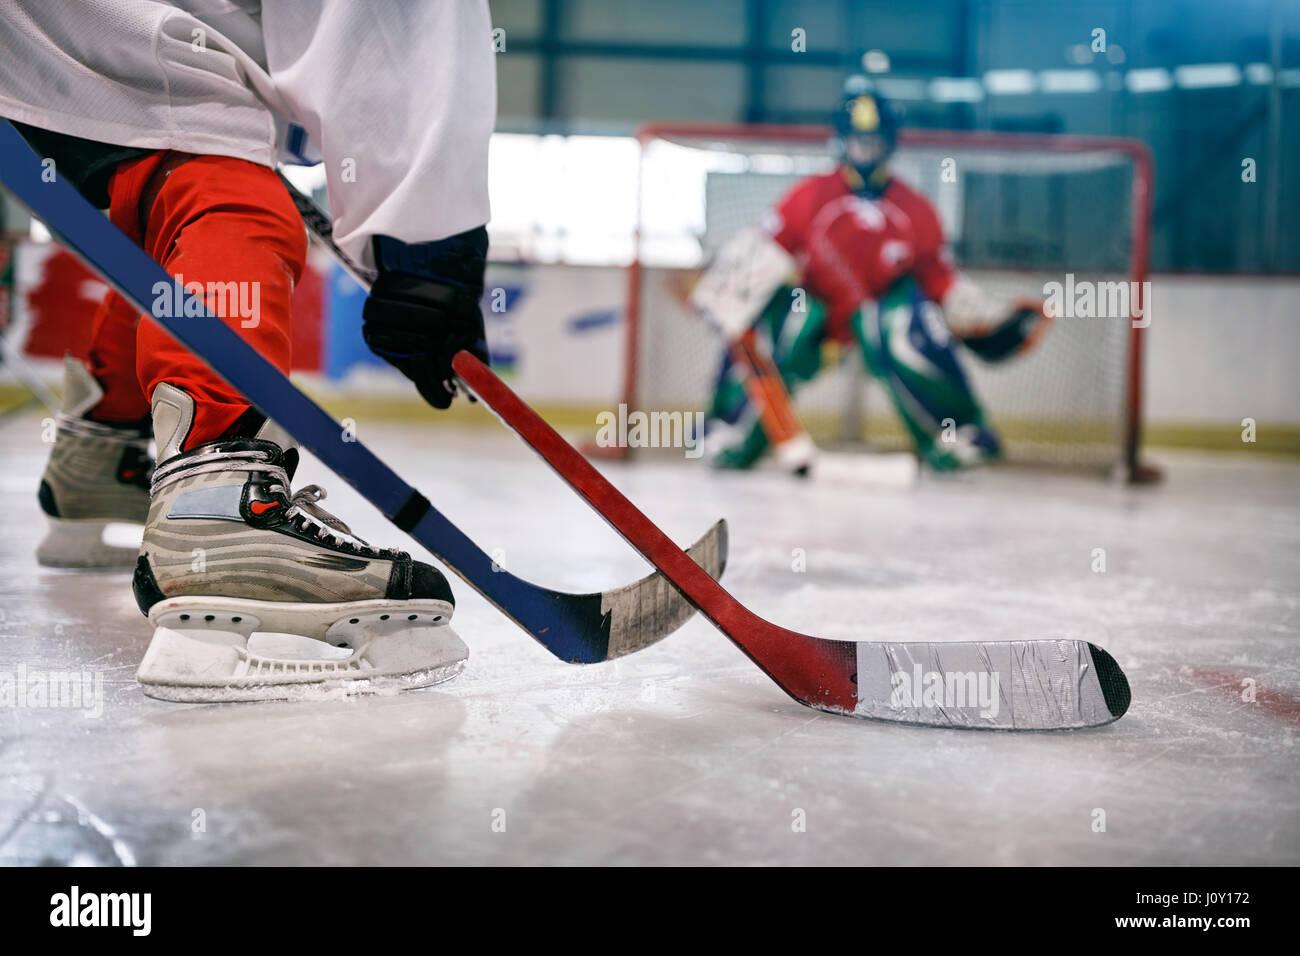 De hockey sur glace en action avec des coups de bâton sur l'objectif Photo Stock